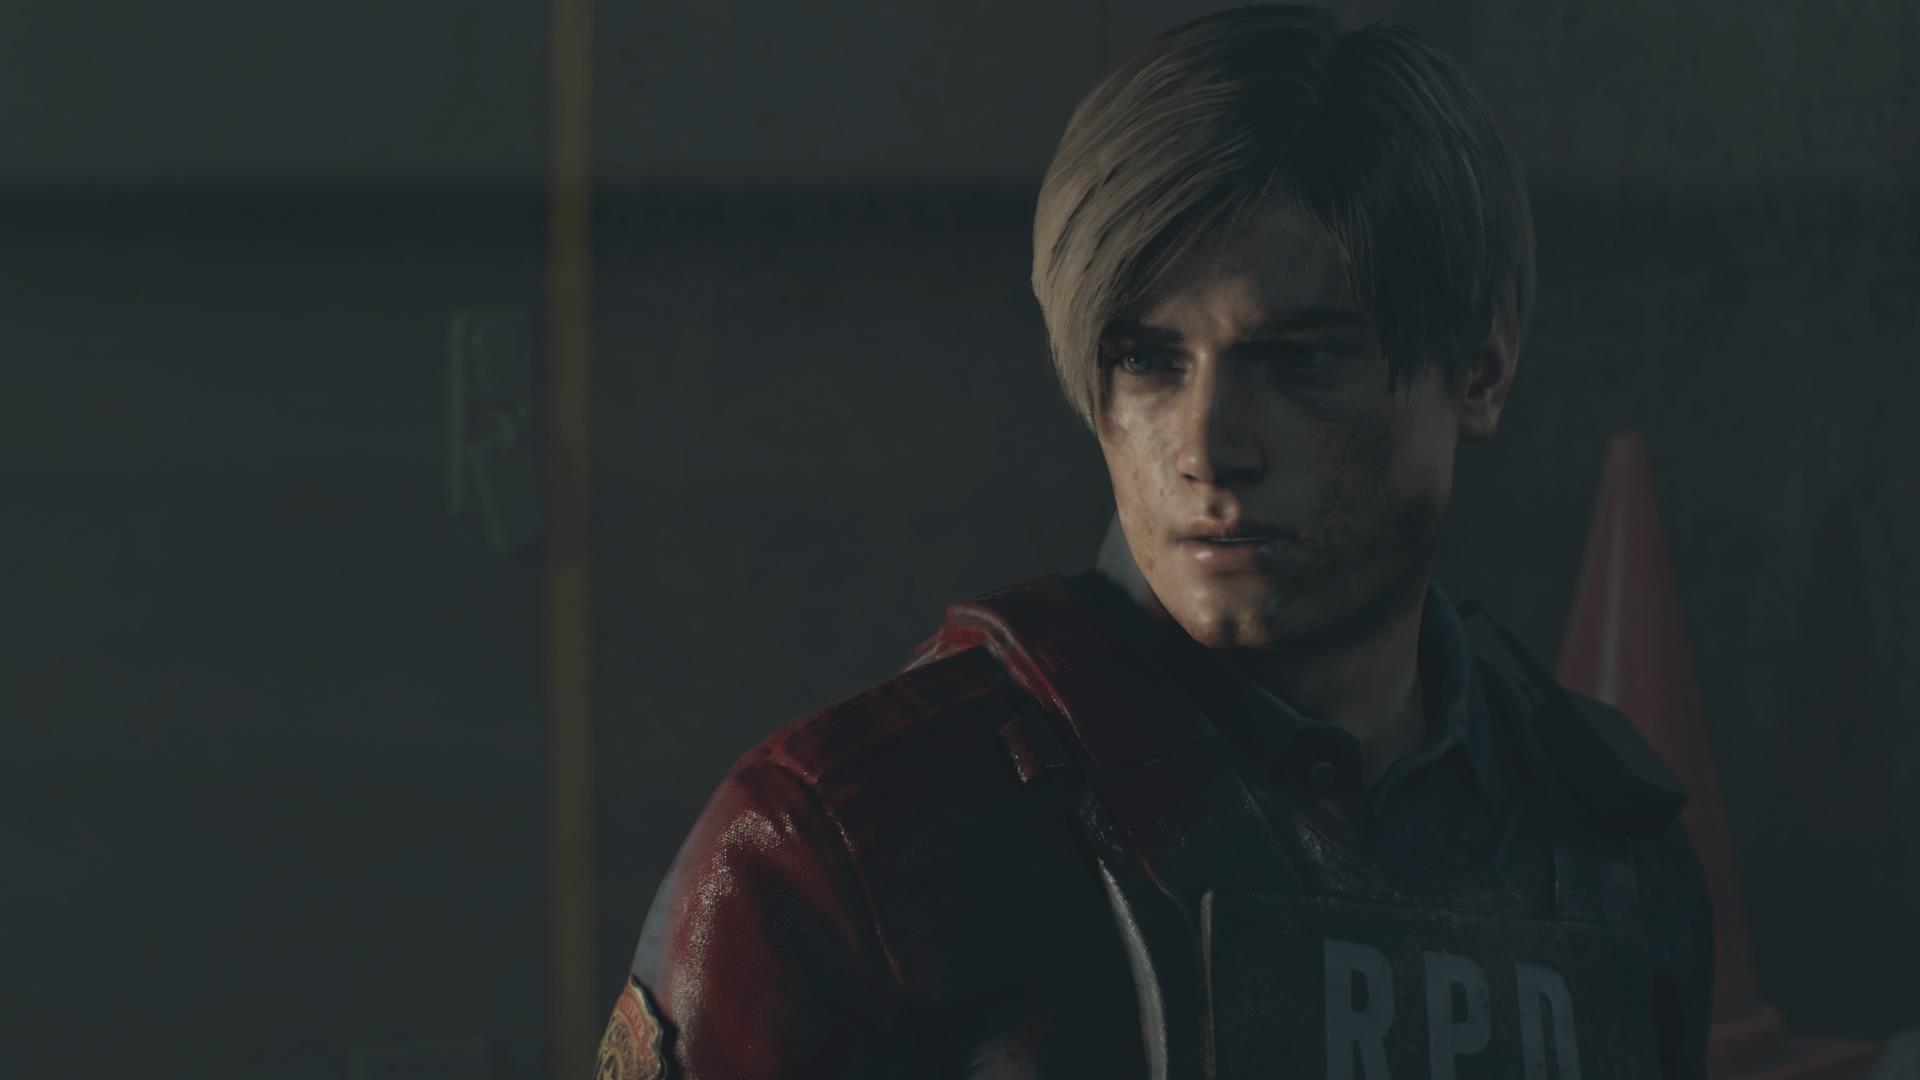 Wallpaper Resident Evil 2 Remake Resident Evil 2 Video Games